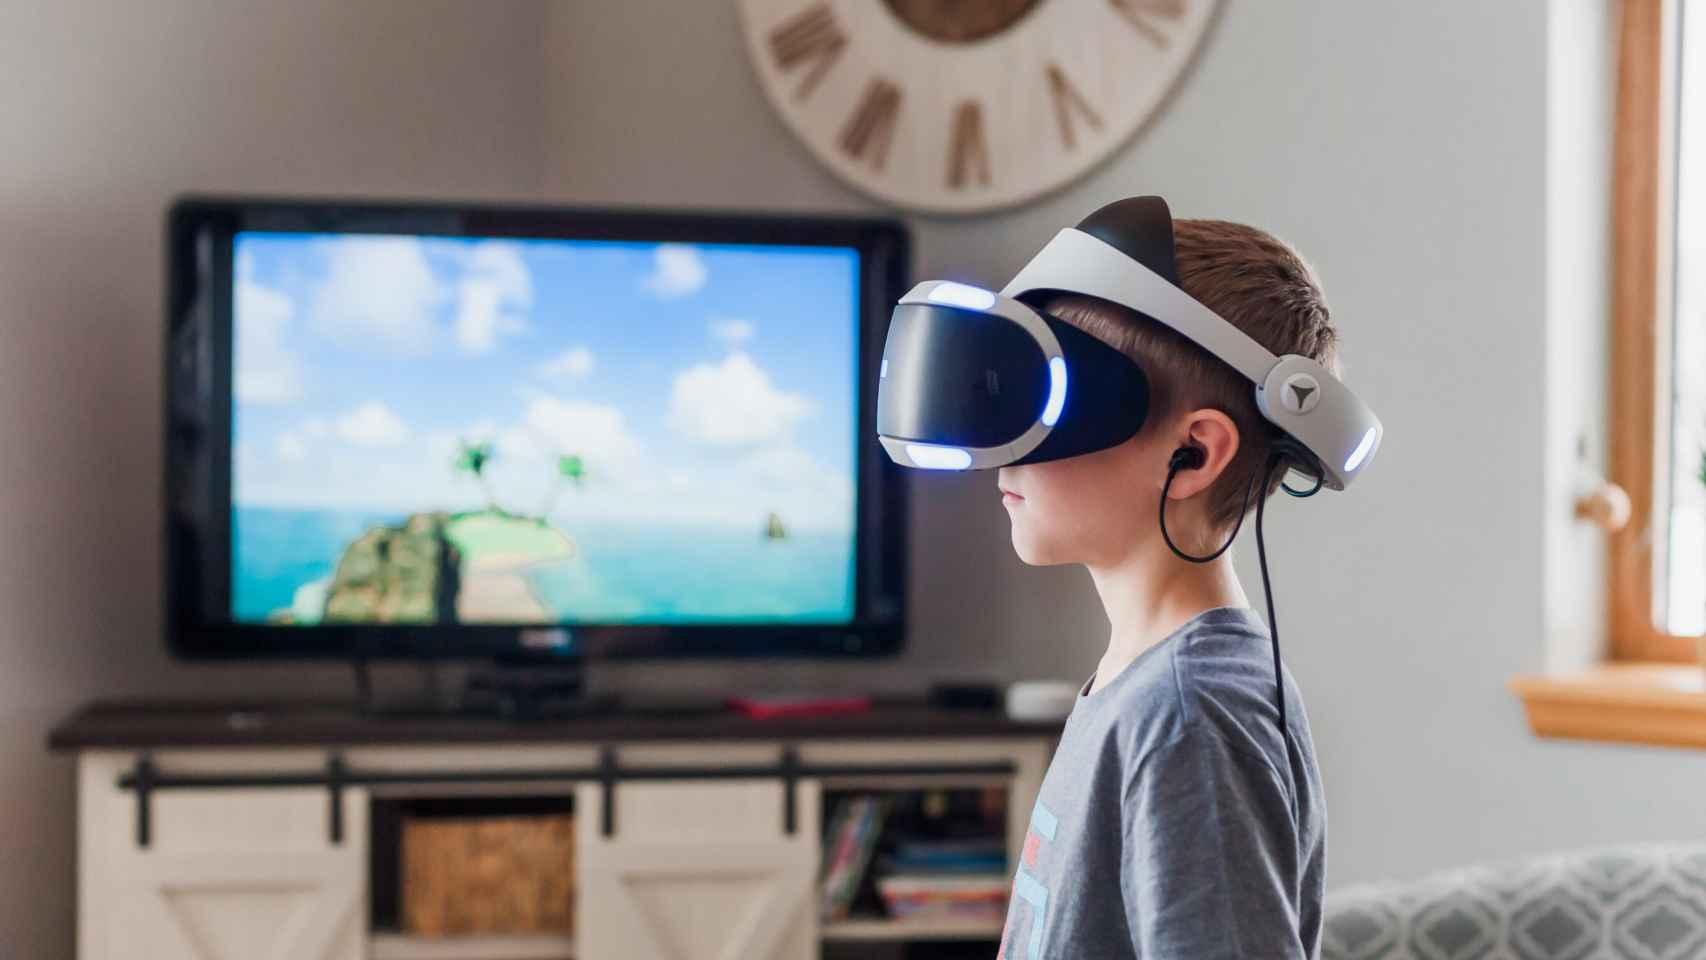 Un niño usando un dispositivo de realidad virtual en su casa. Foto: Jessica Lewis - Unsplash